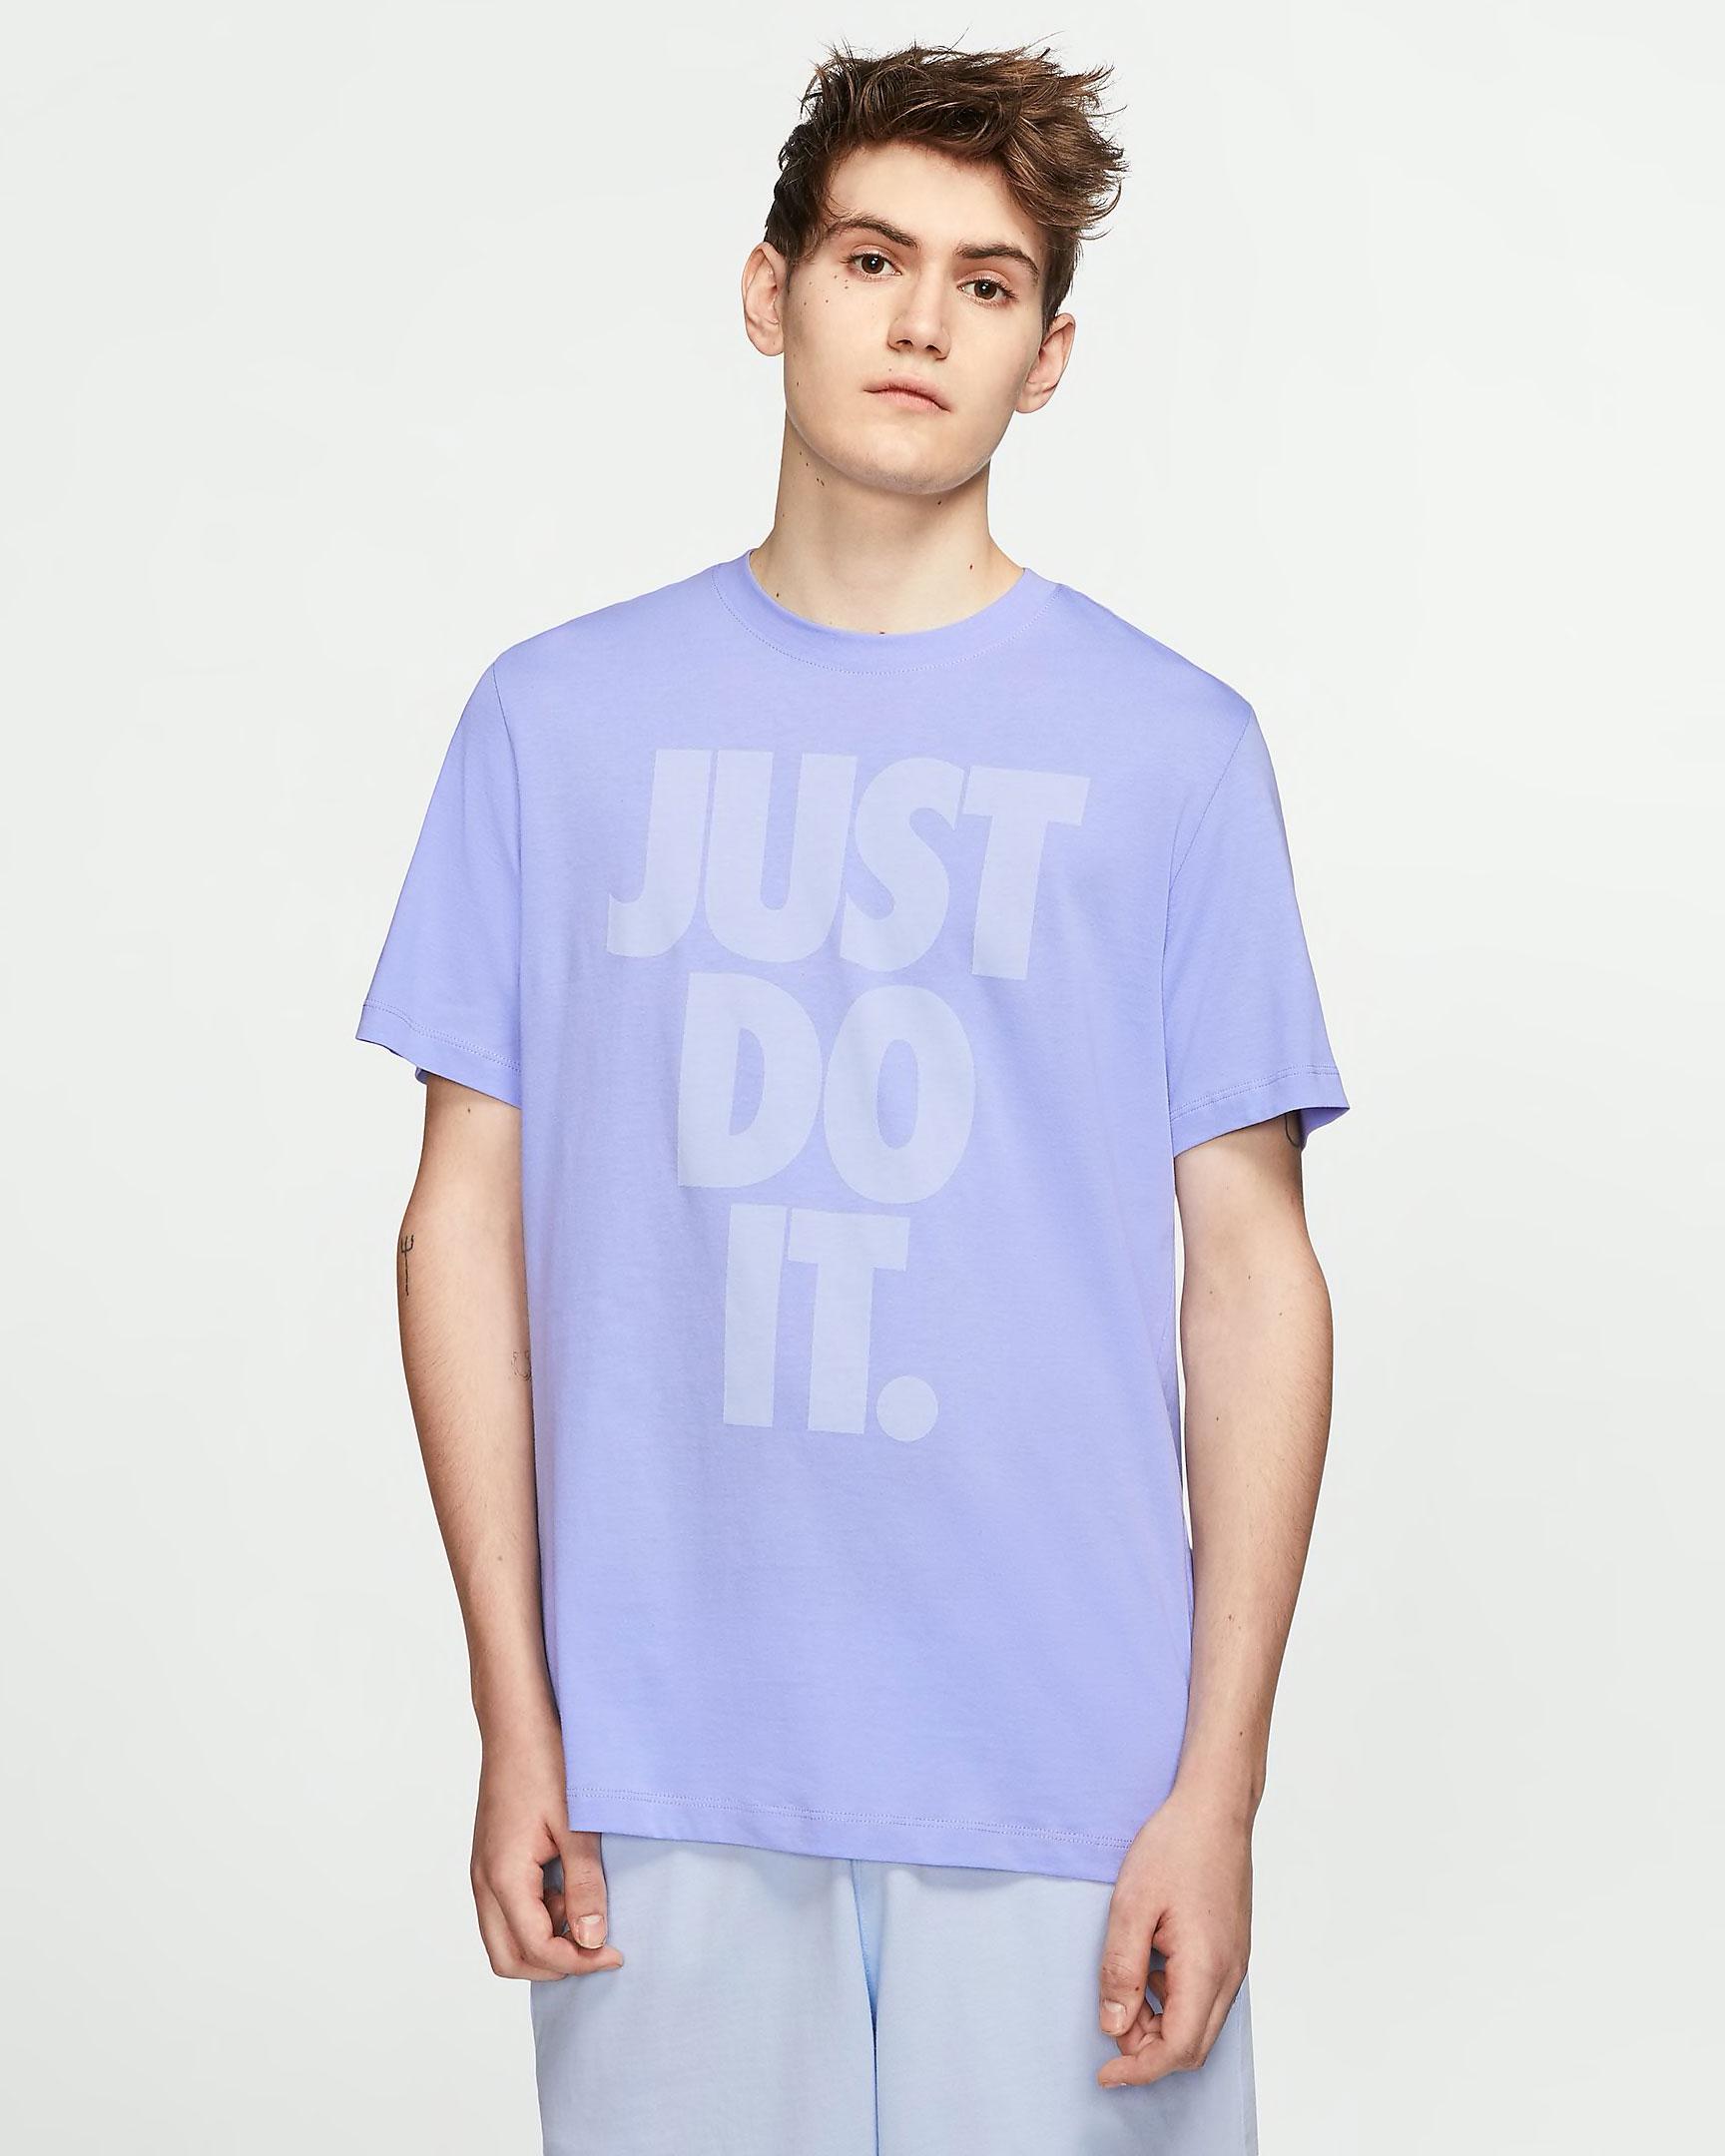 nike-jdi-just-do-it-shirt-purple